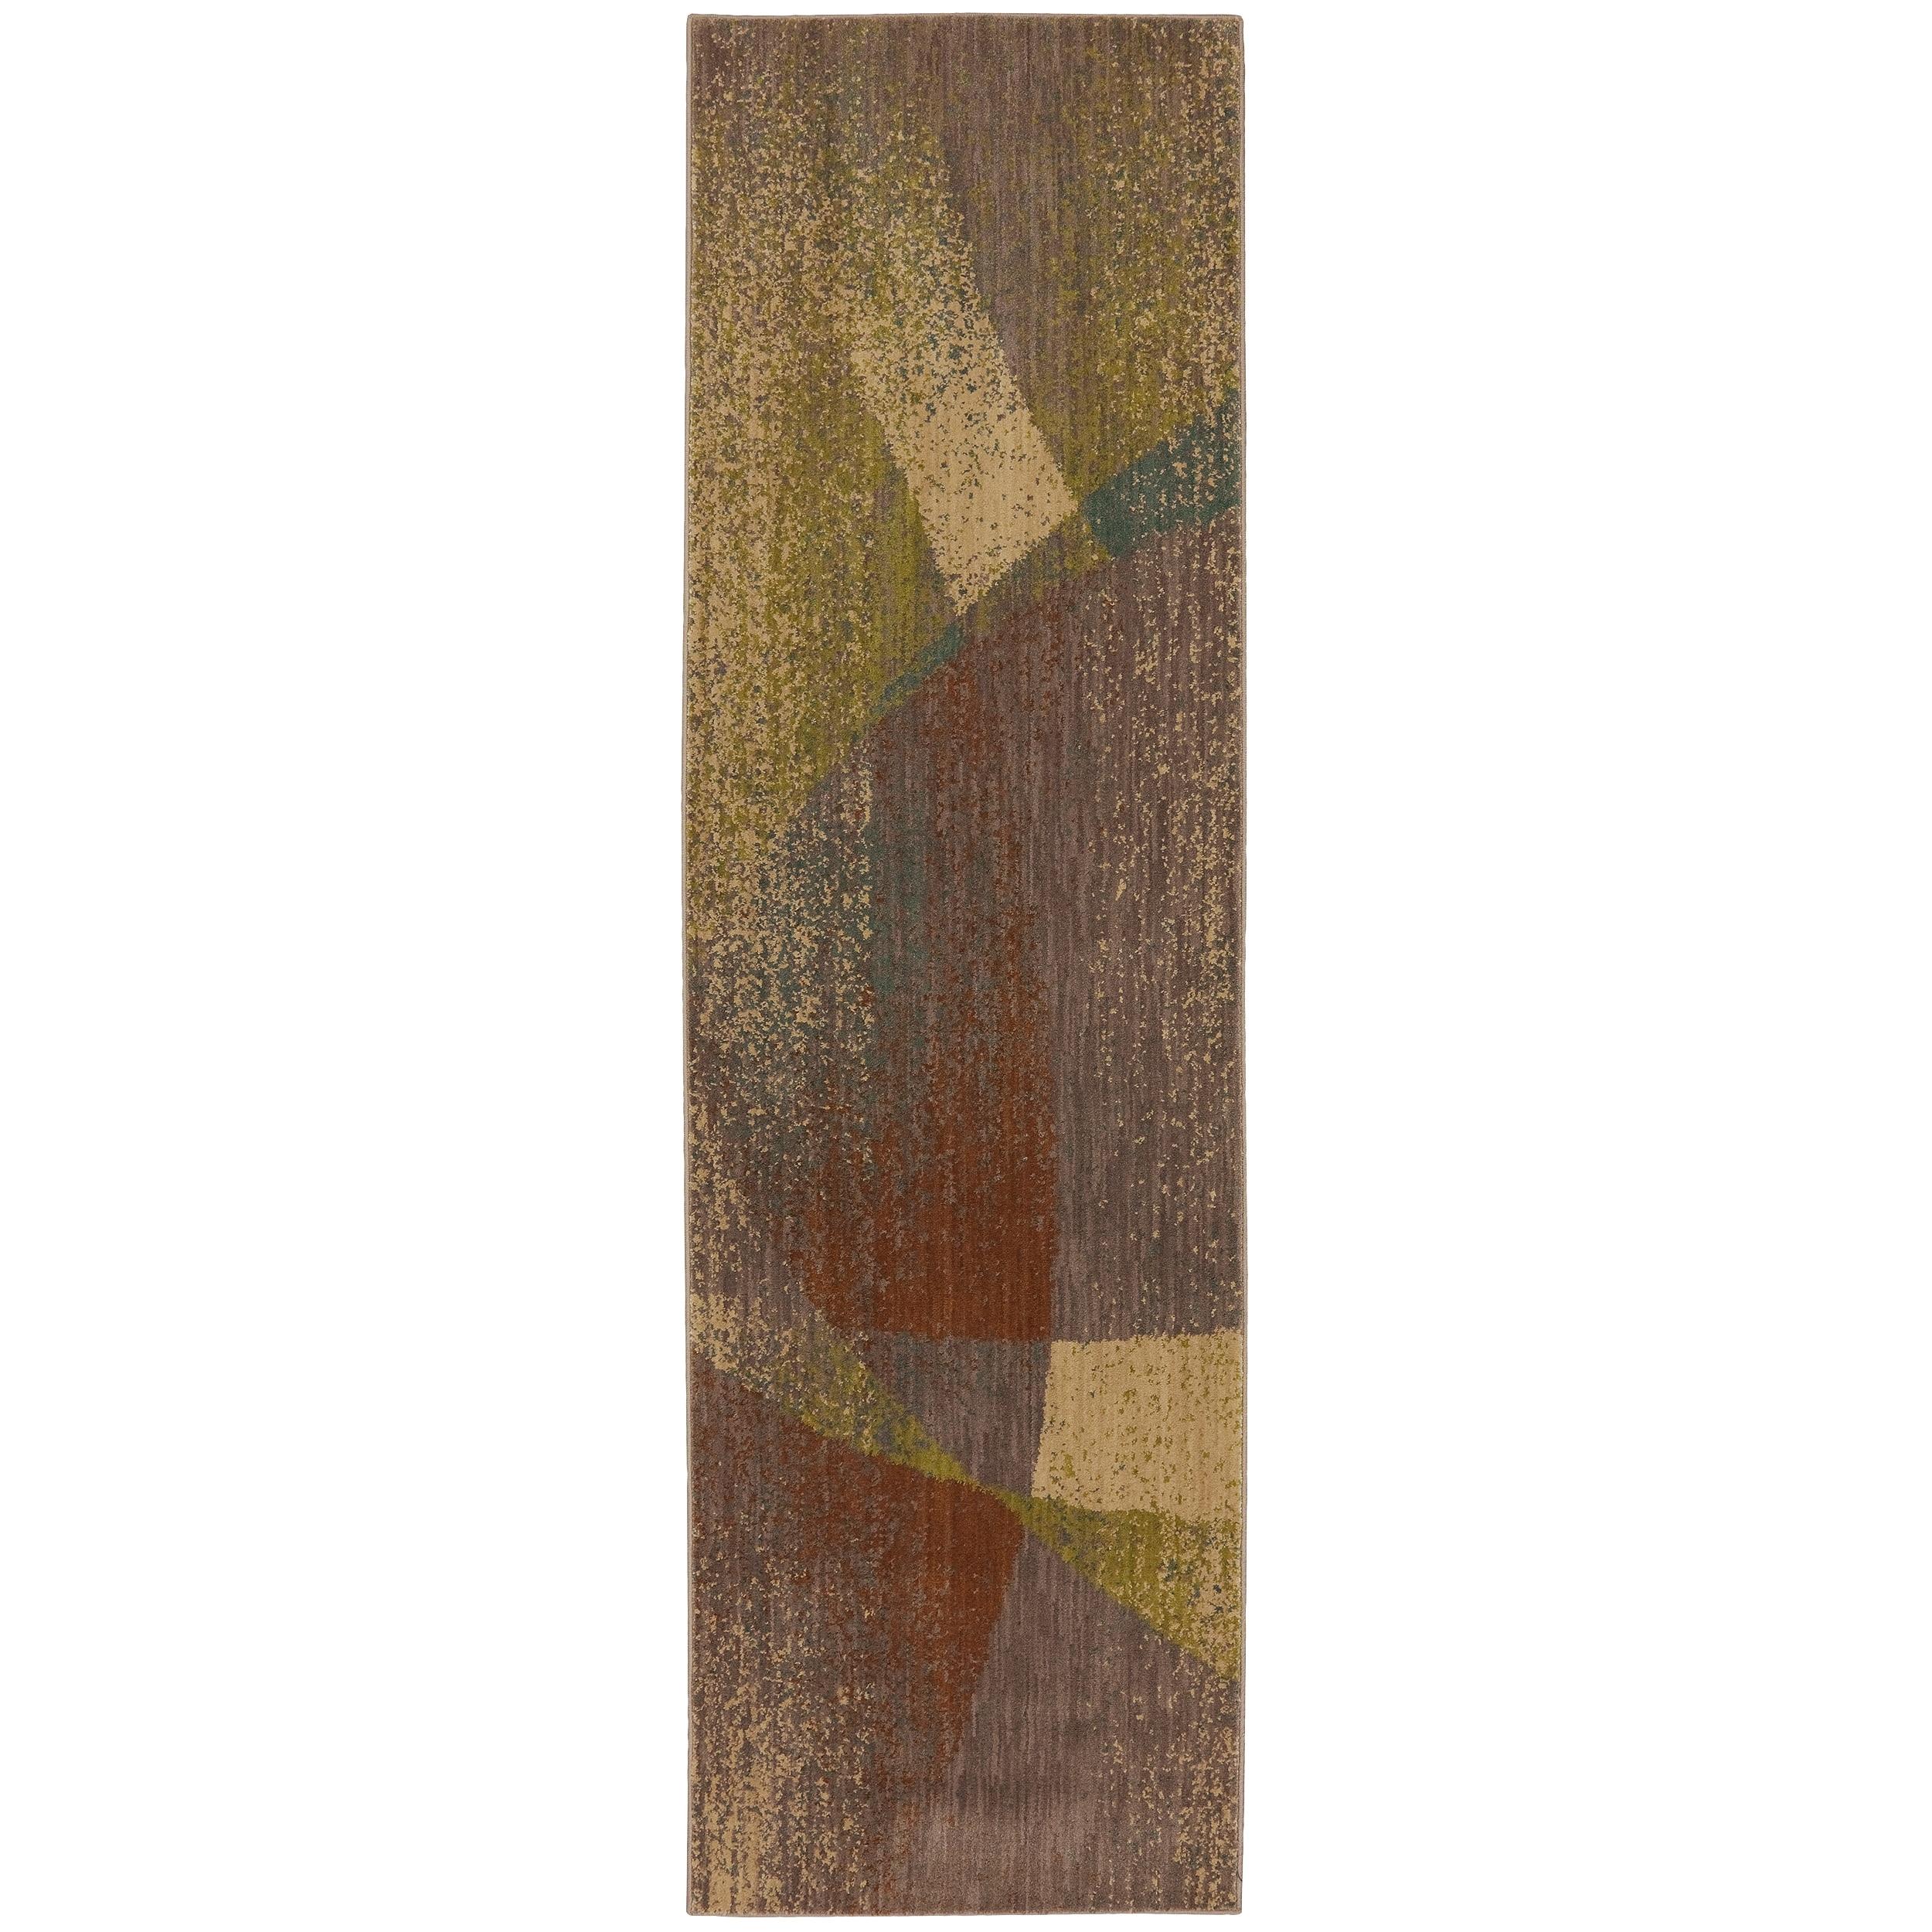 Karastan Artois Halle Fog Rug (2'4 x 8'3) at Sears.com